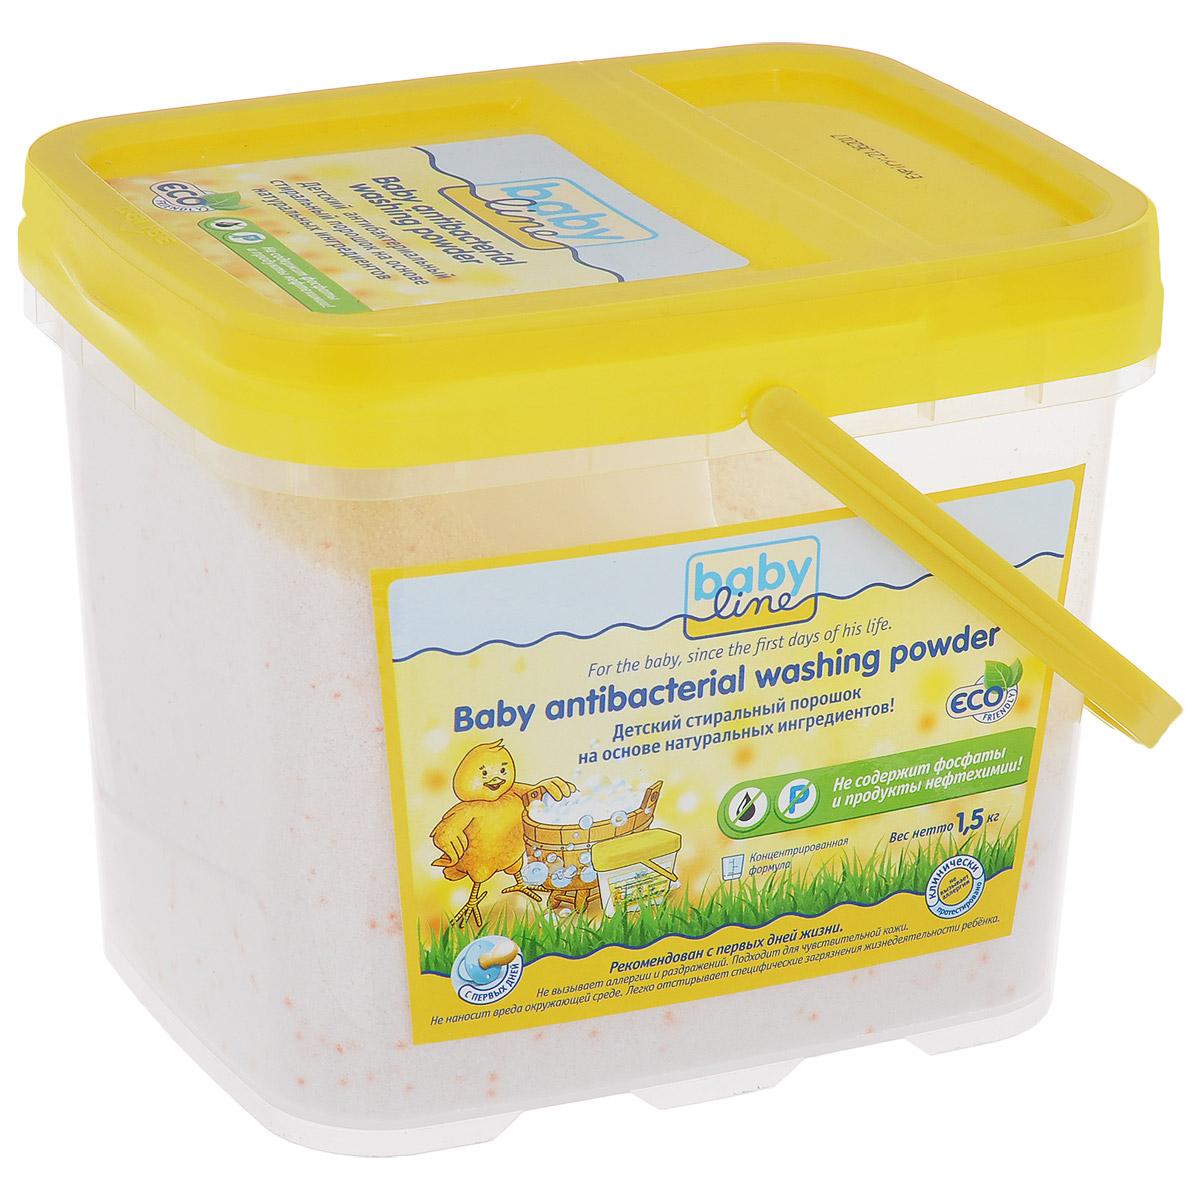 Babyline Стиральный порошок, детский, на основе натуральных ингридиентов, 1,5 кг babyline детский стиральный порошок концентрат 2 25 кг